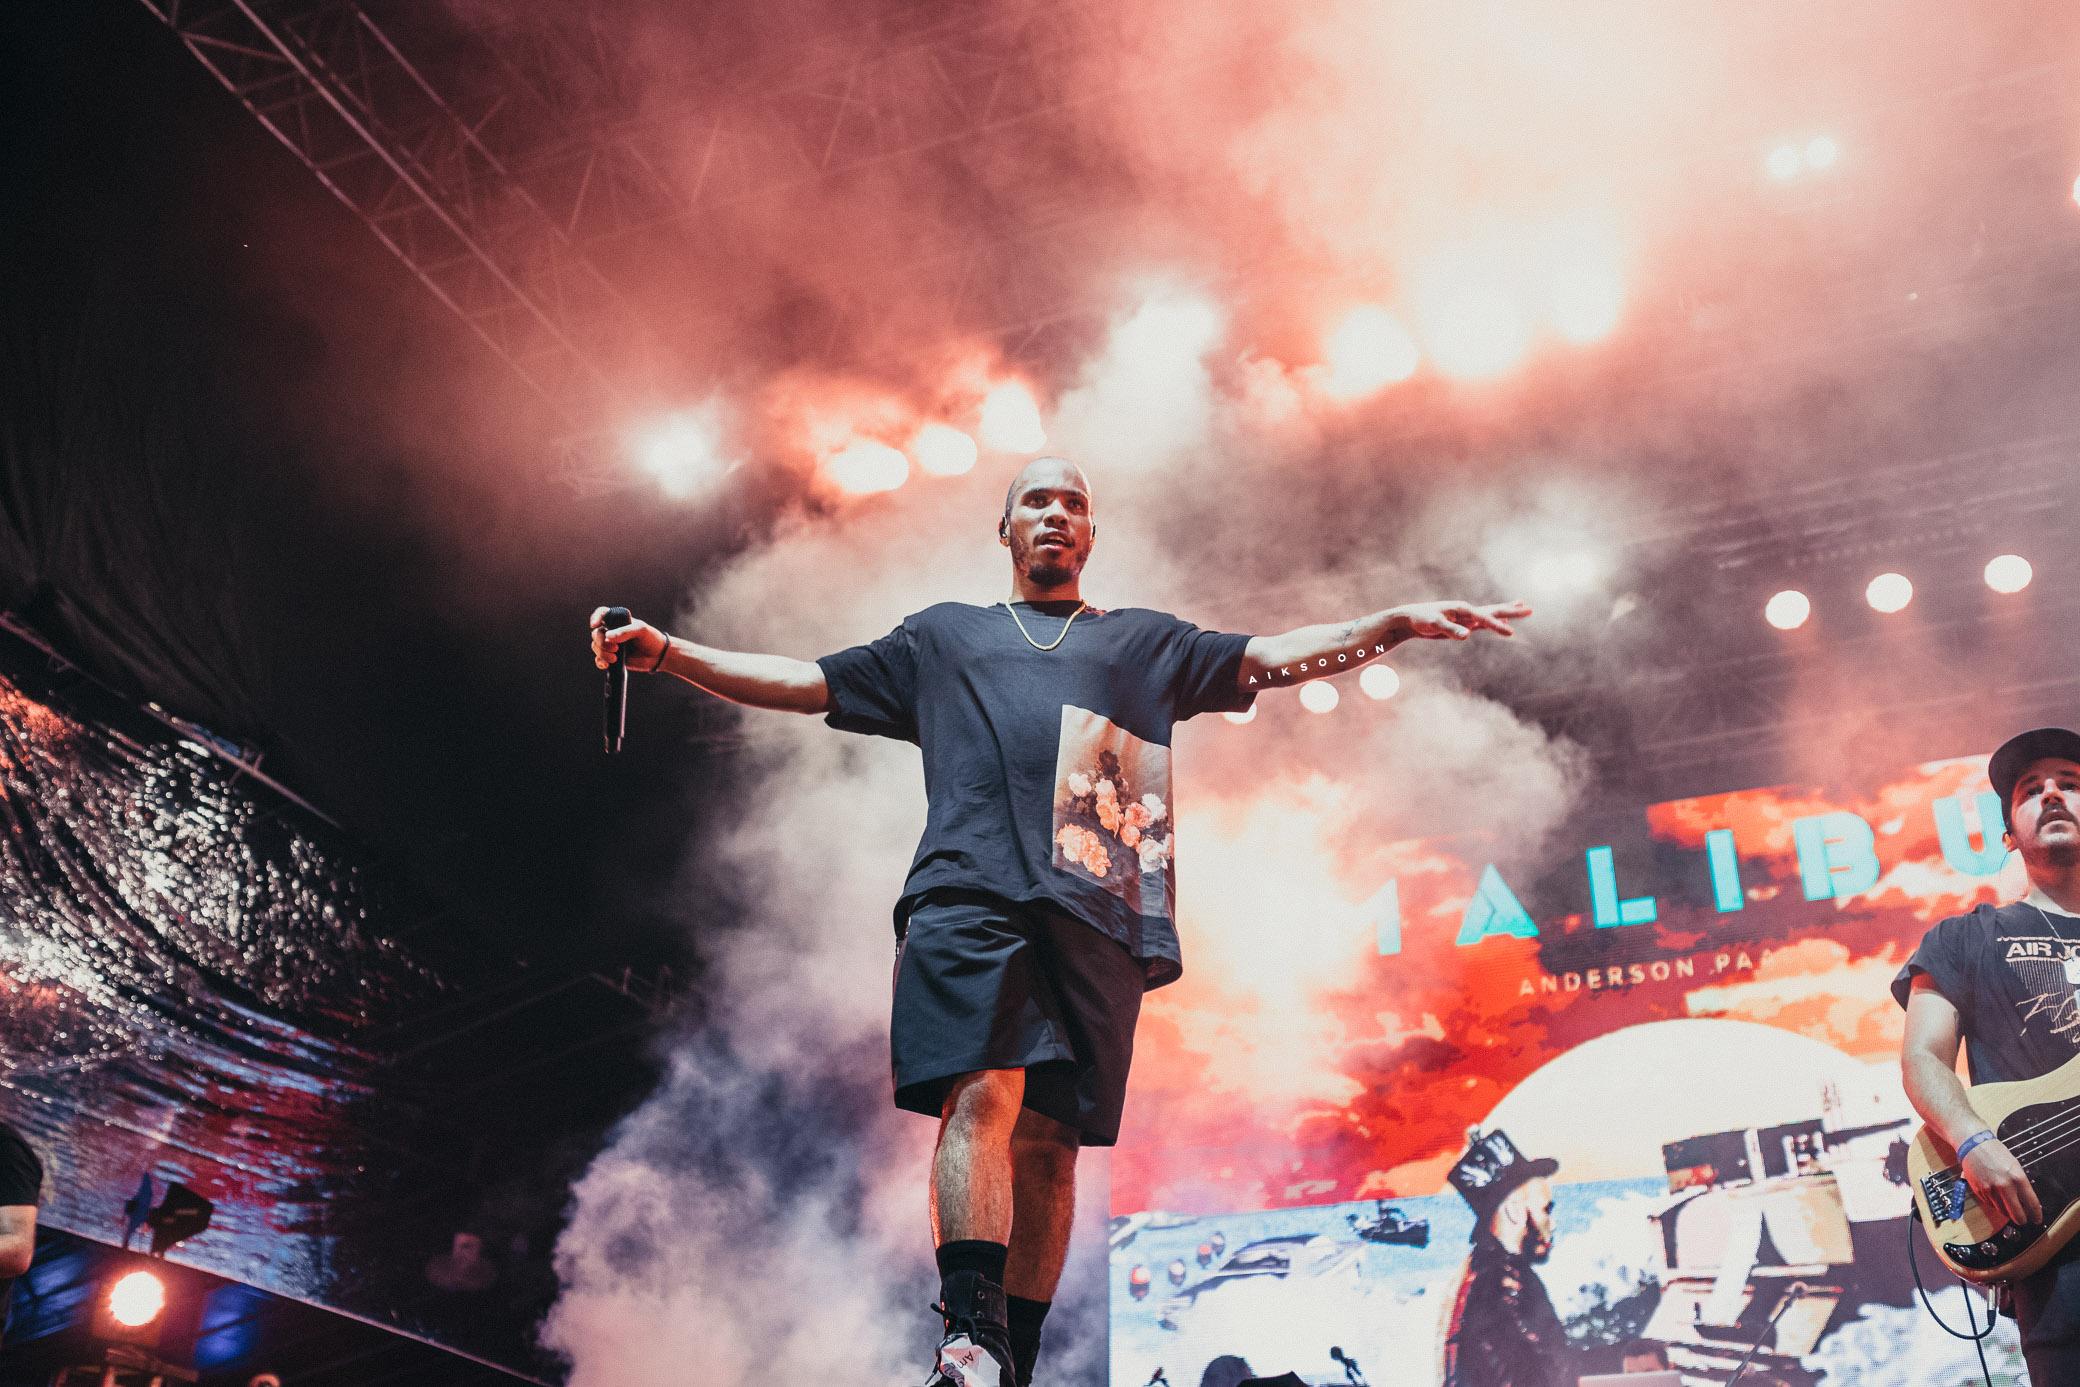 LANEWAY FESTIVAL 2018: ANDERSON .PAAK